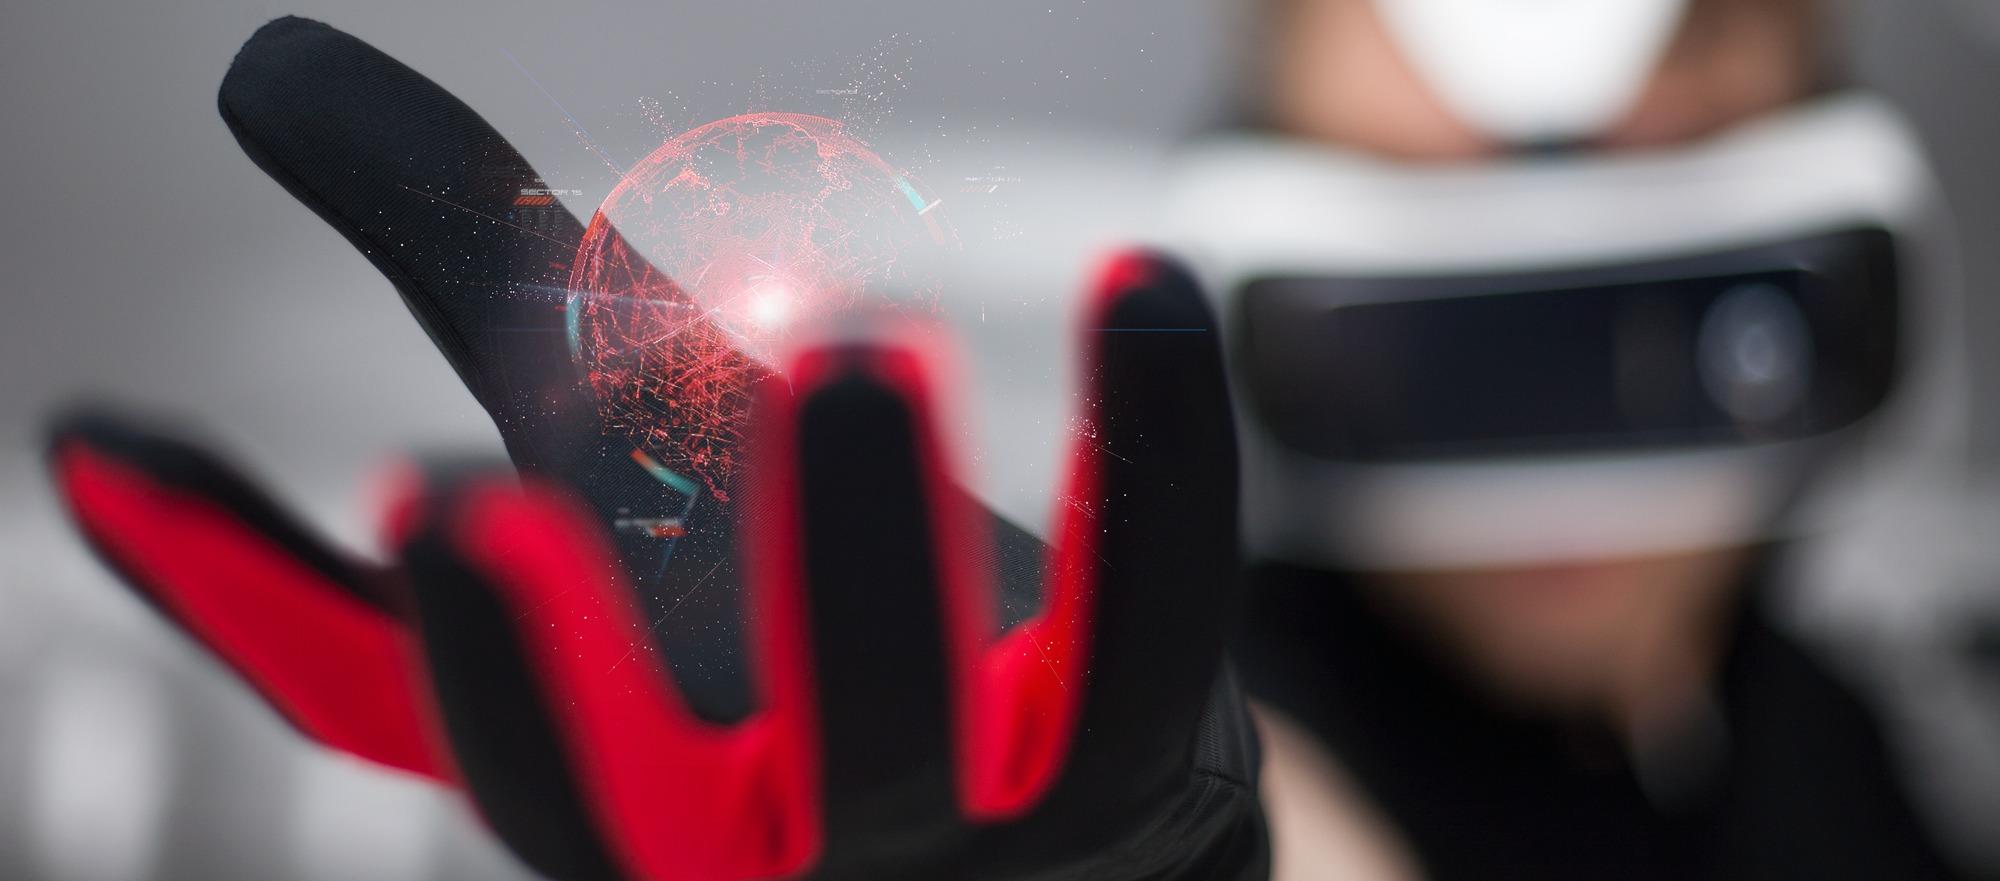 Manus VR lager en VR-hanske du kan ha råd til.